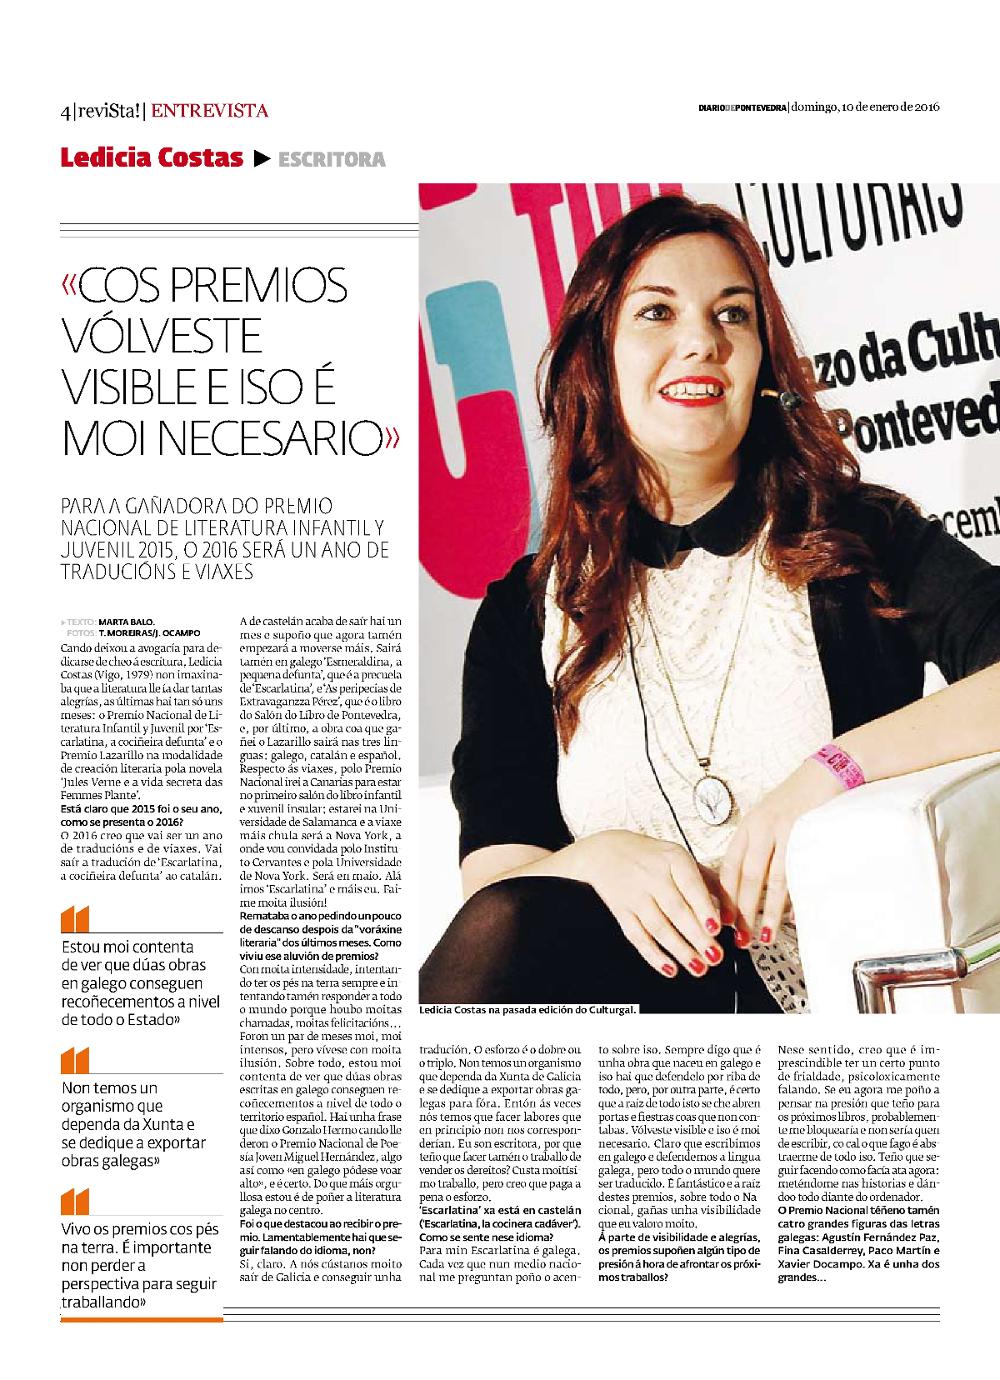 Entrevista a Ledicia Costas DP 1